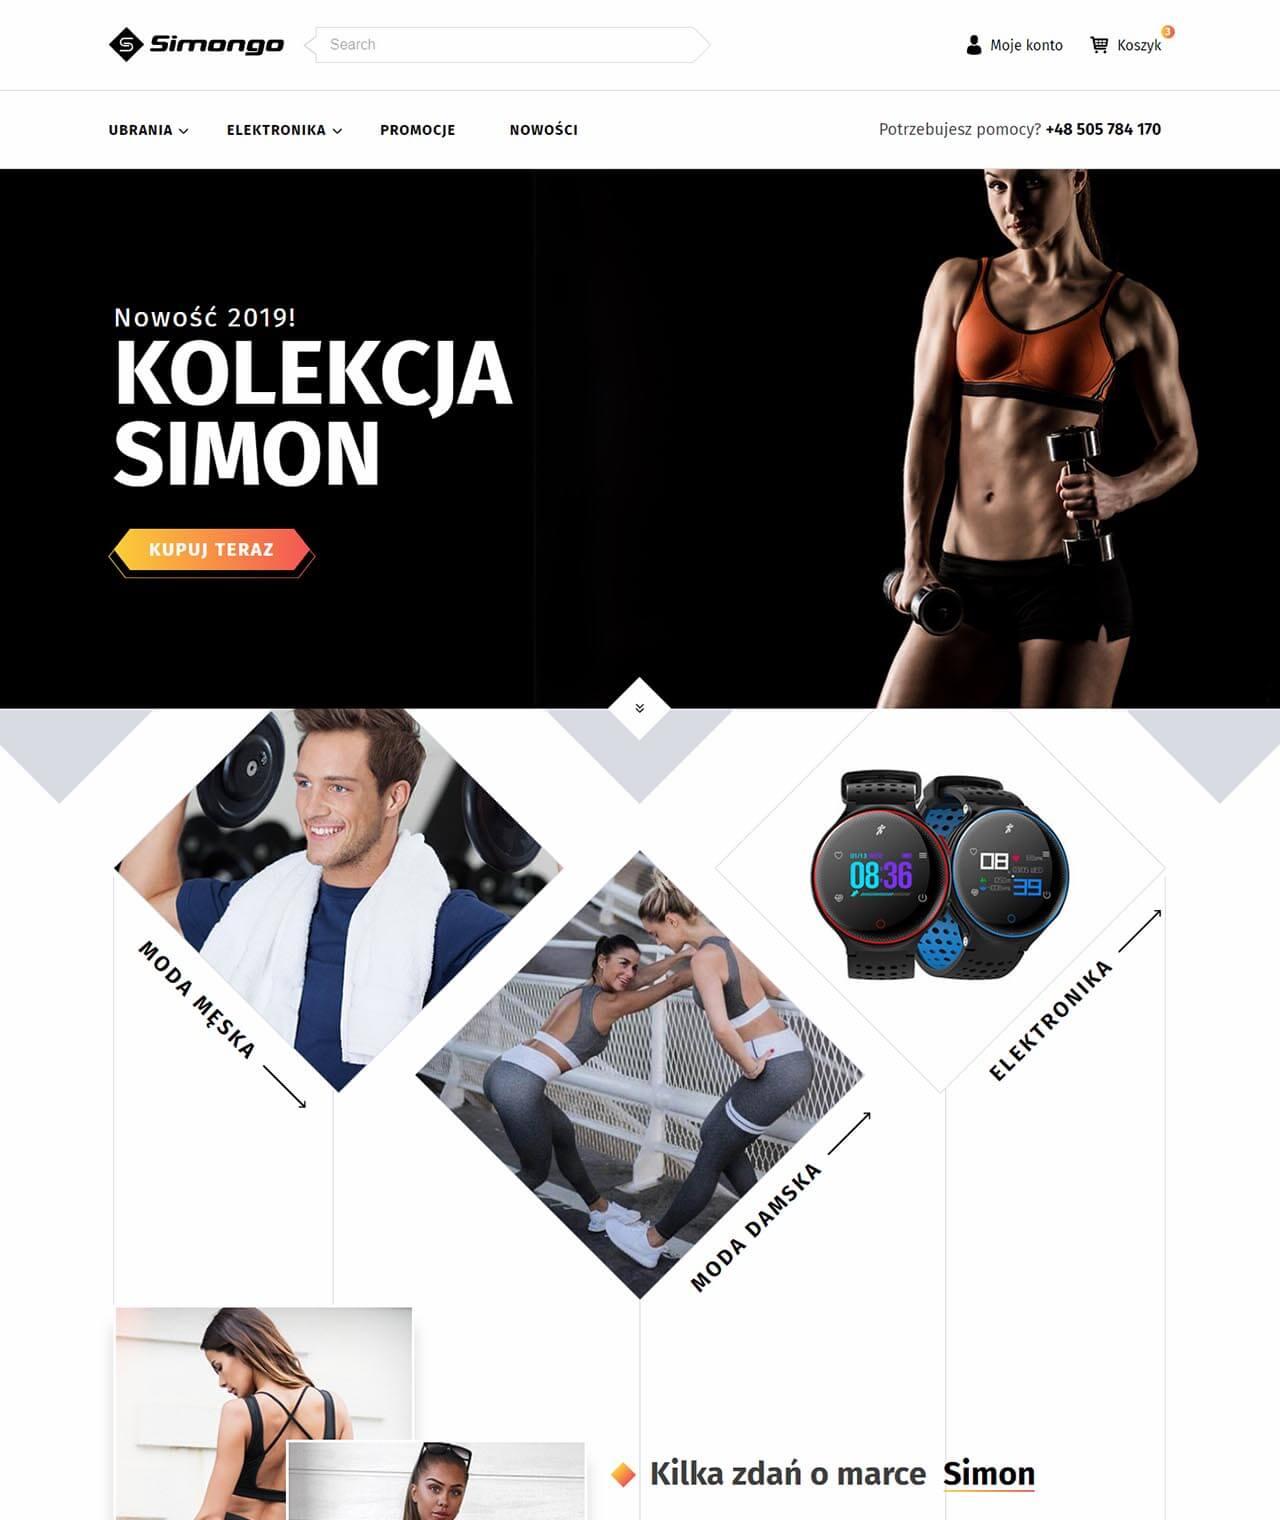 Sklep internetowy simongo.pl